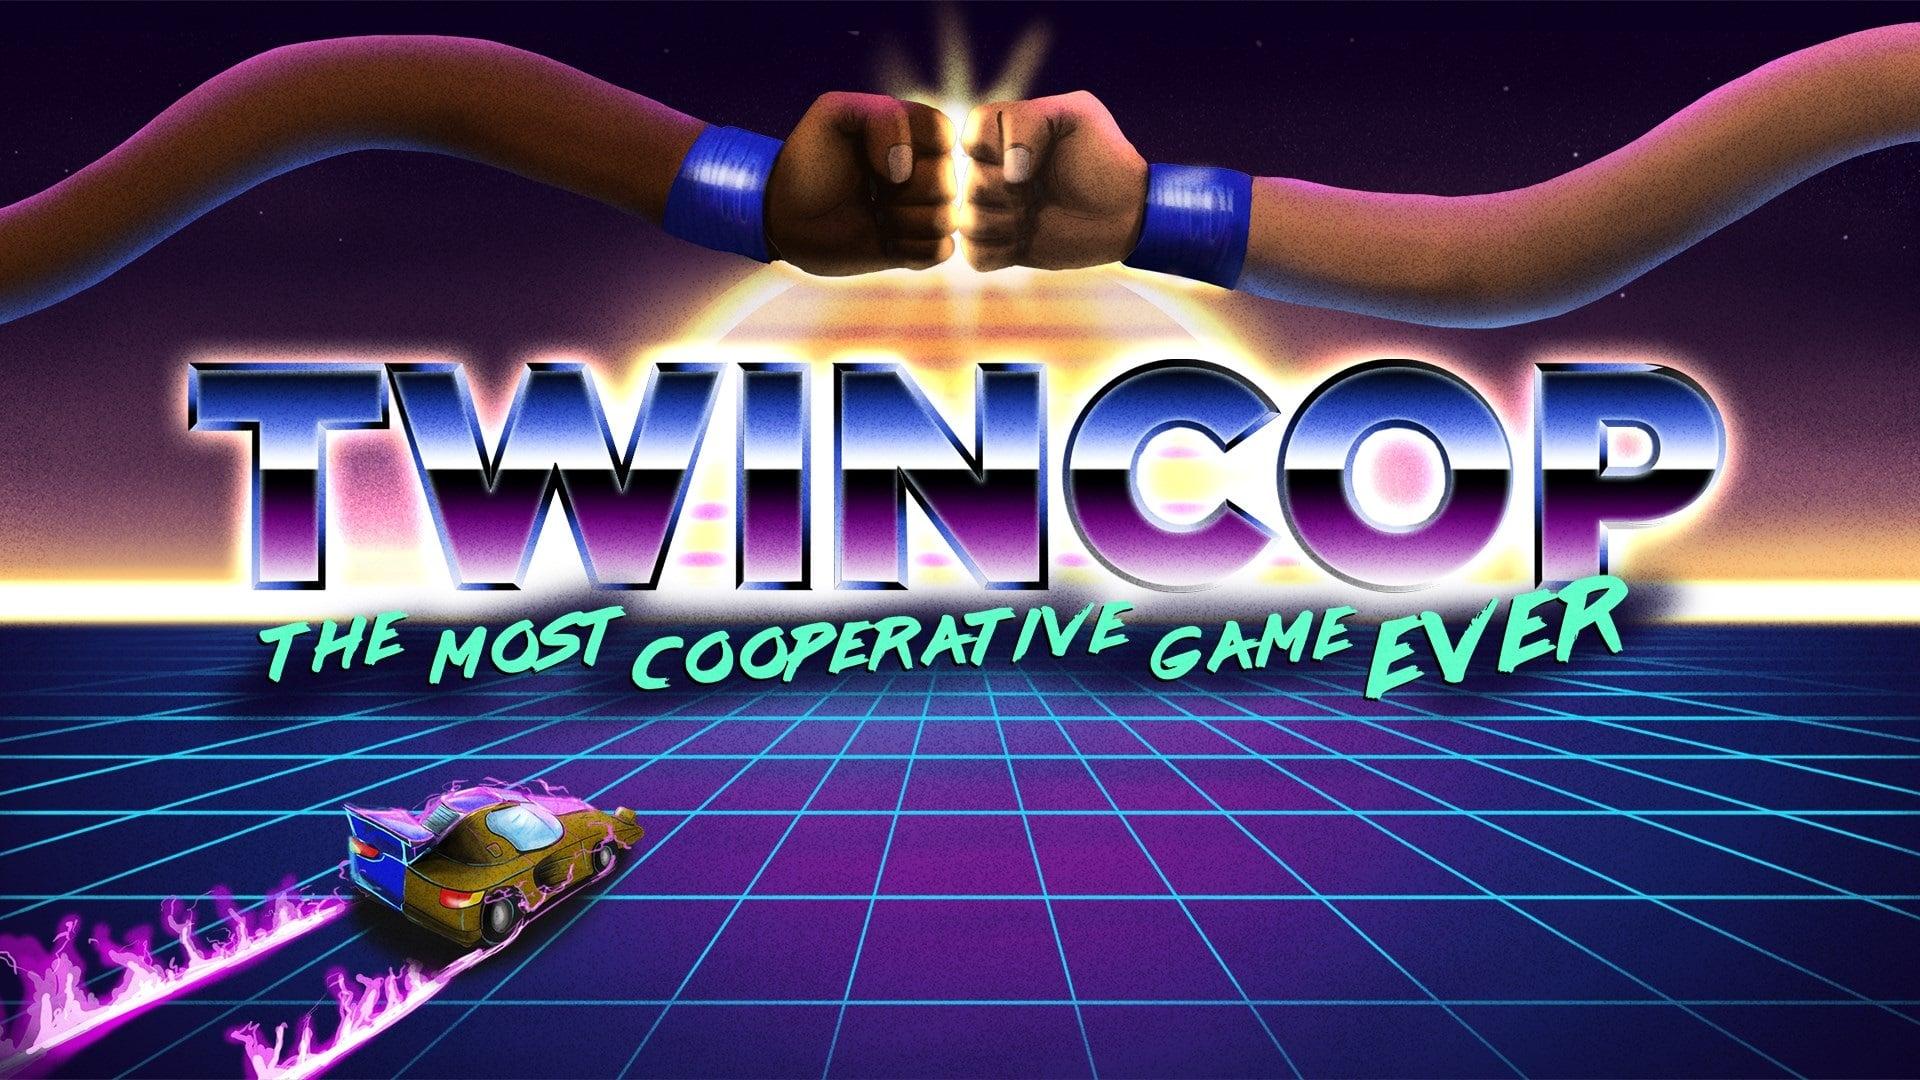 TwinCop